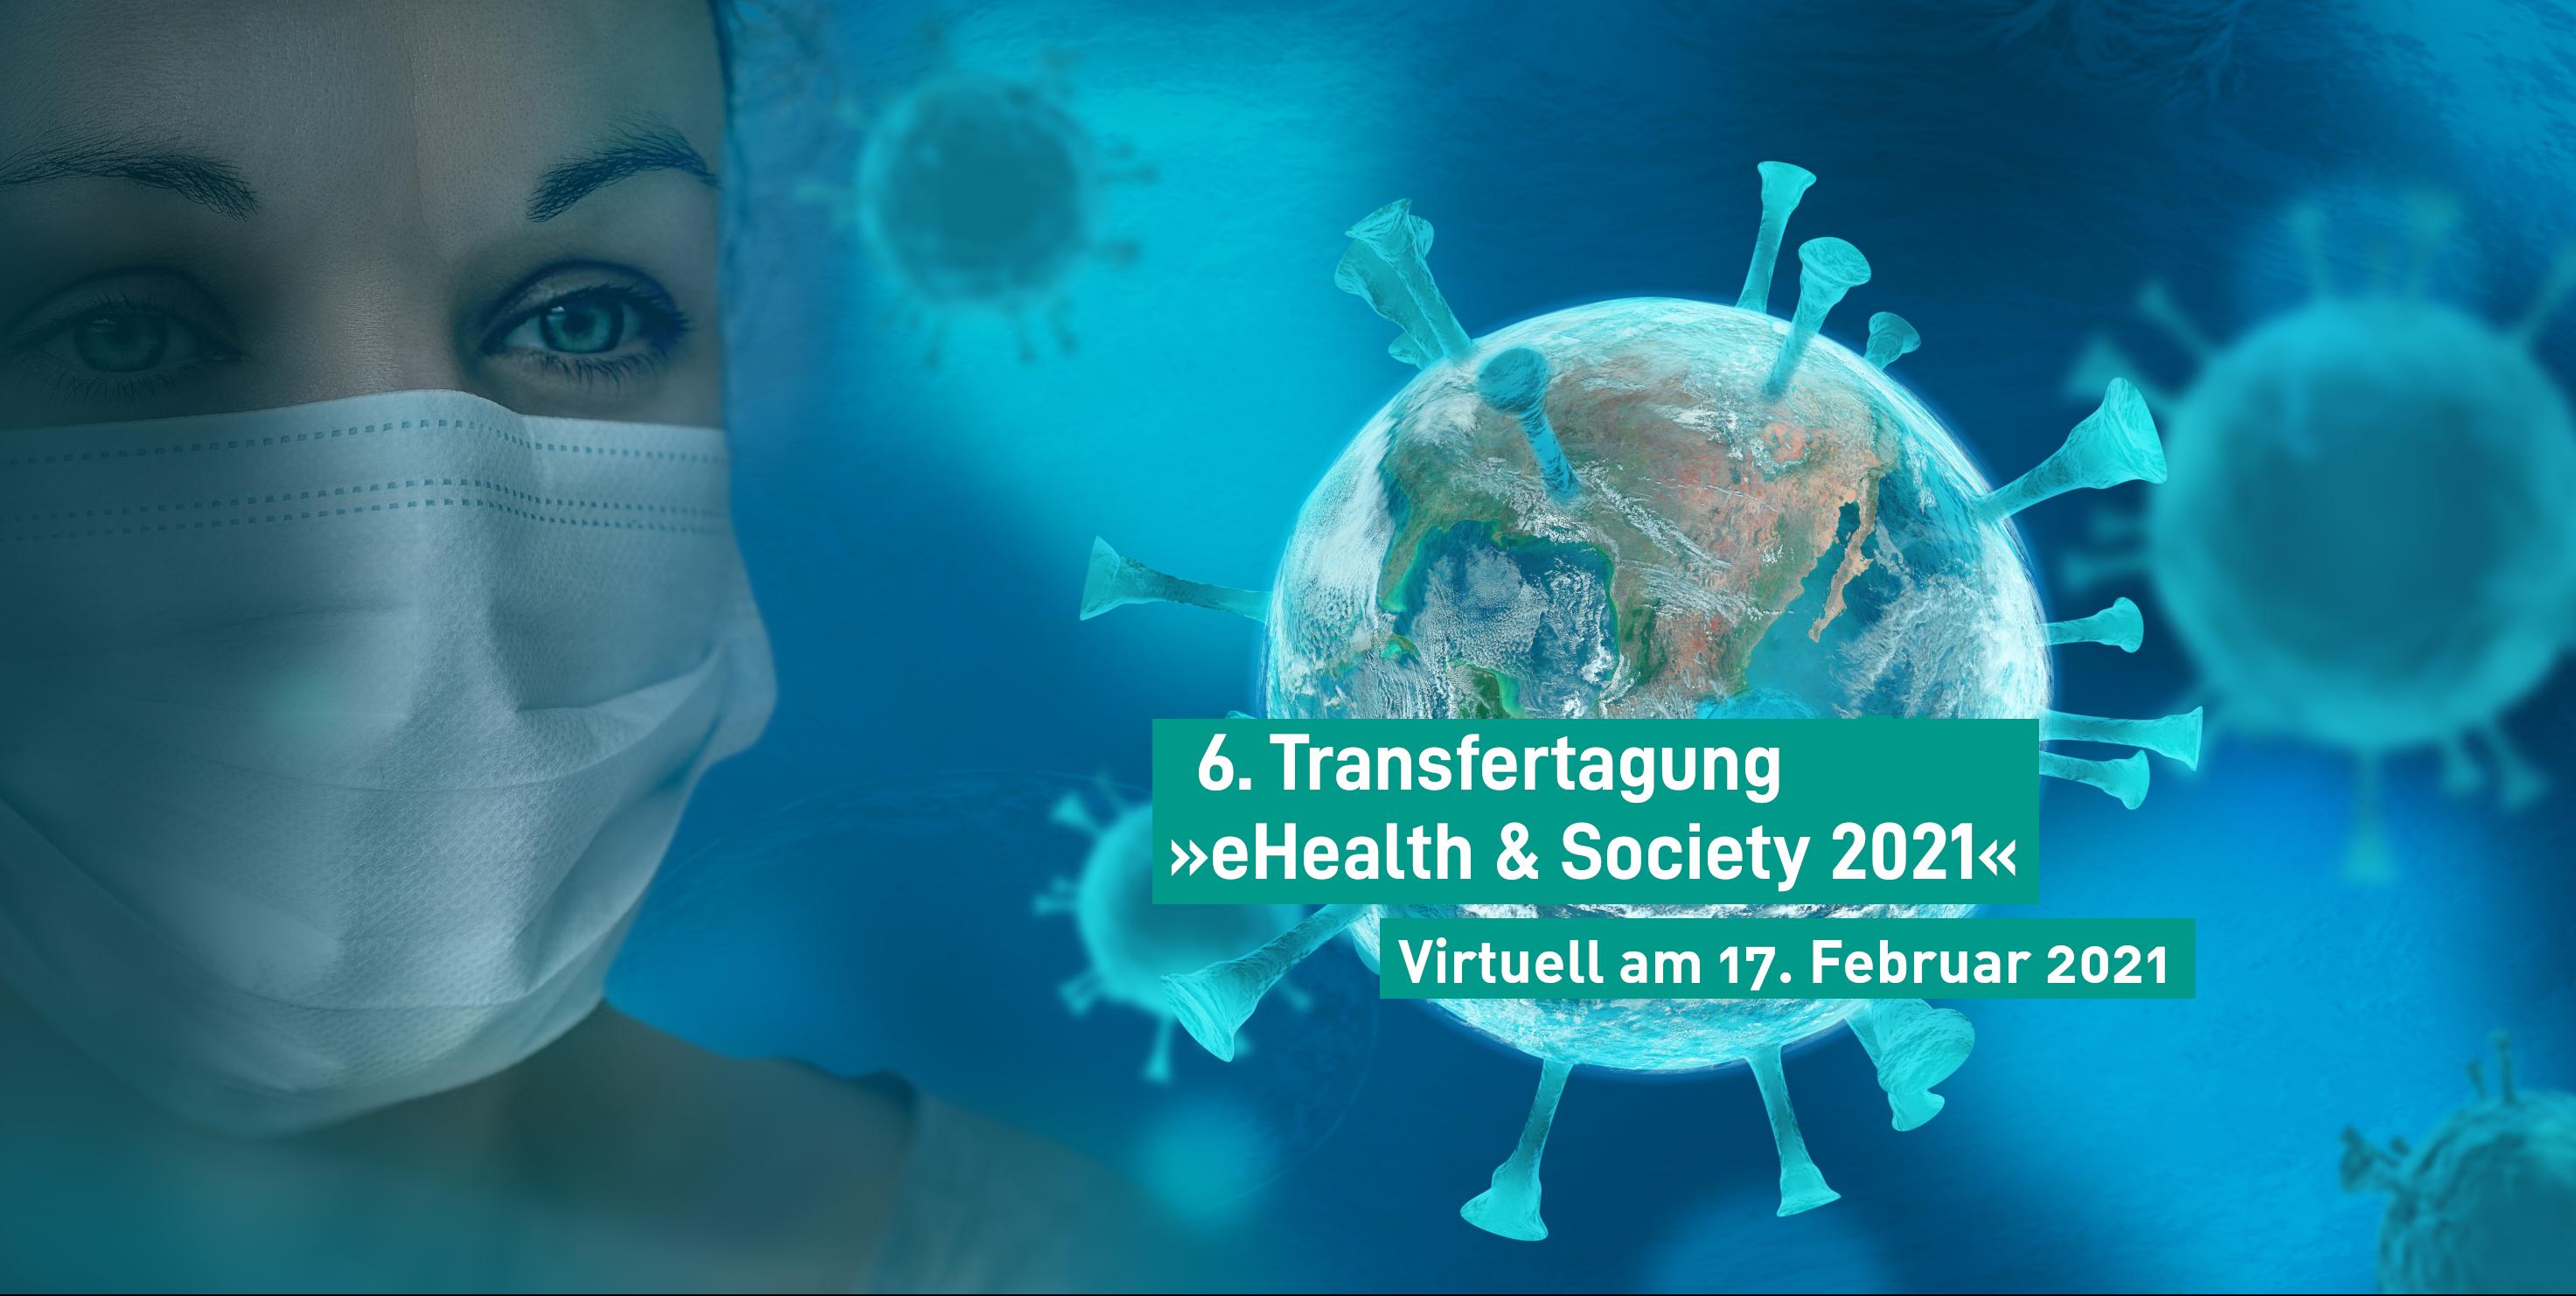 eHealth & Society 2021